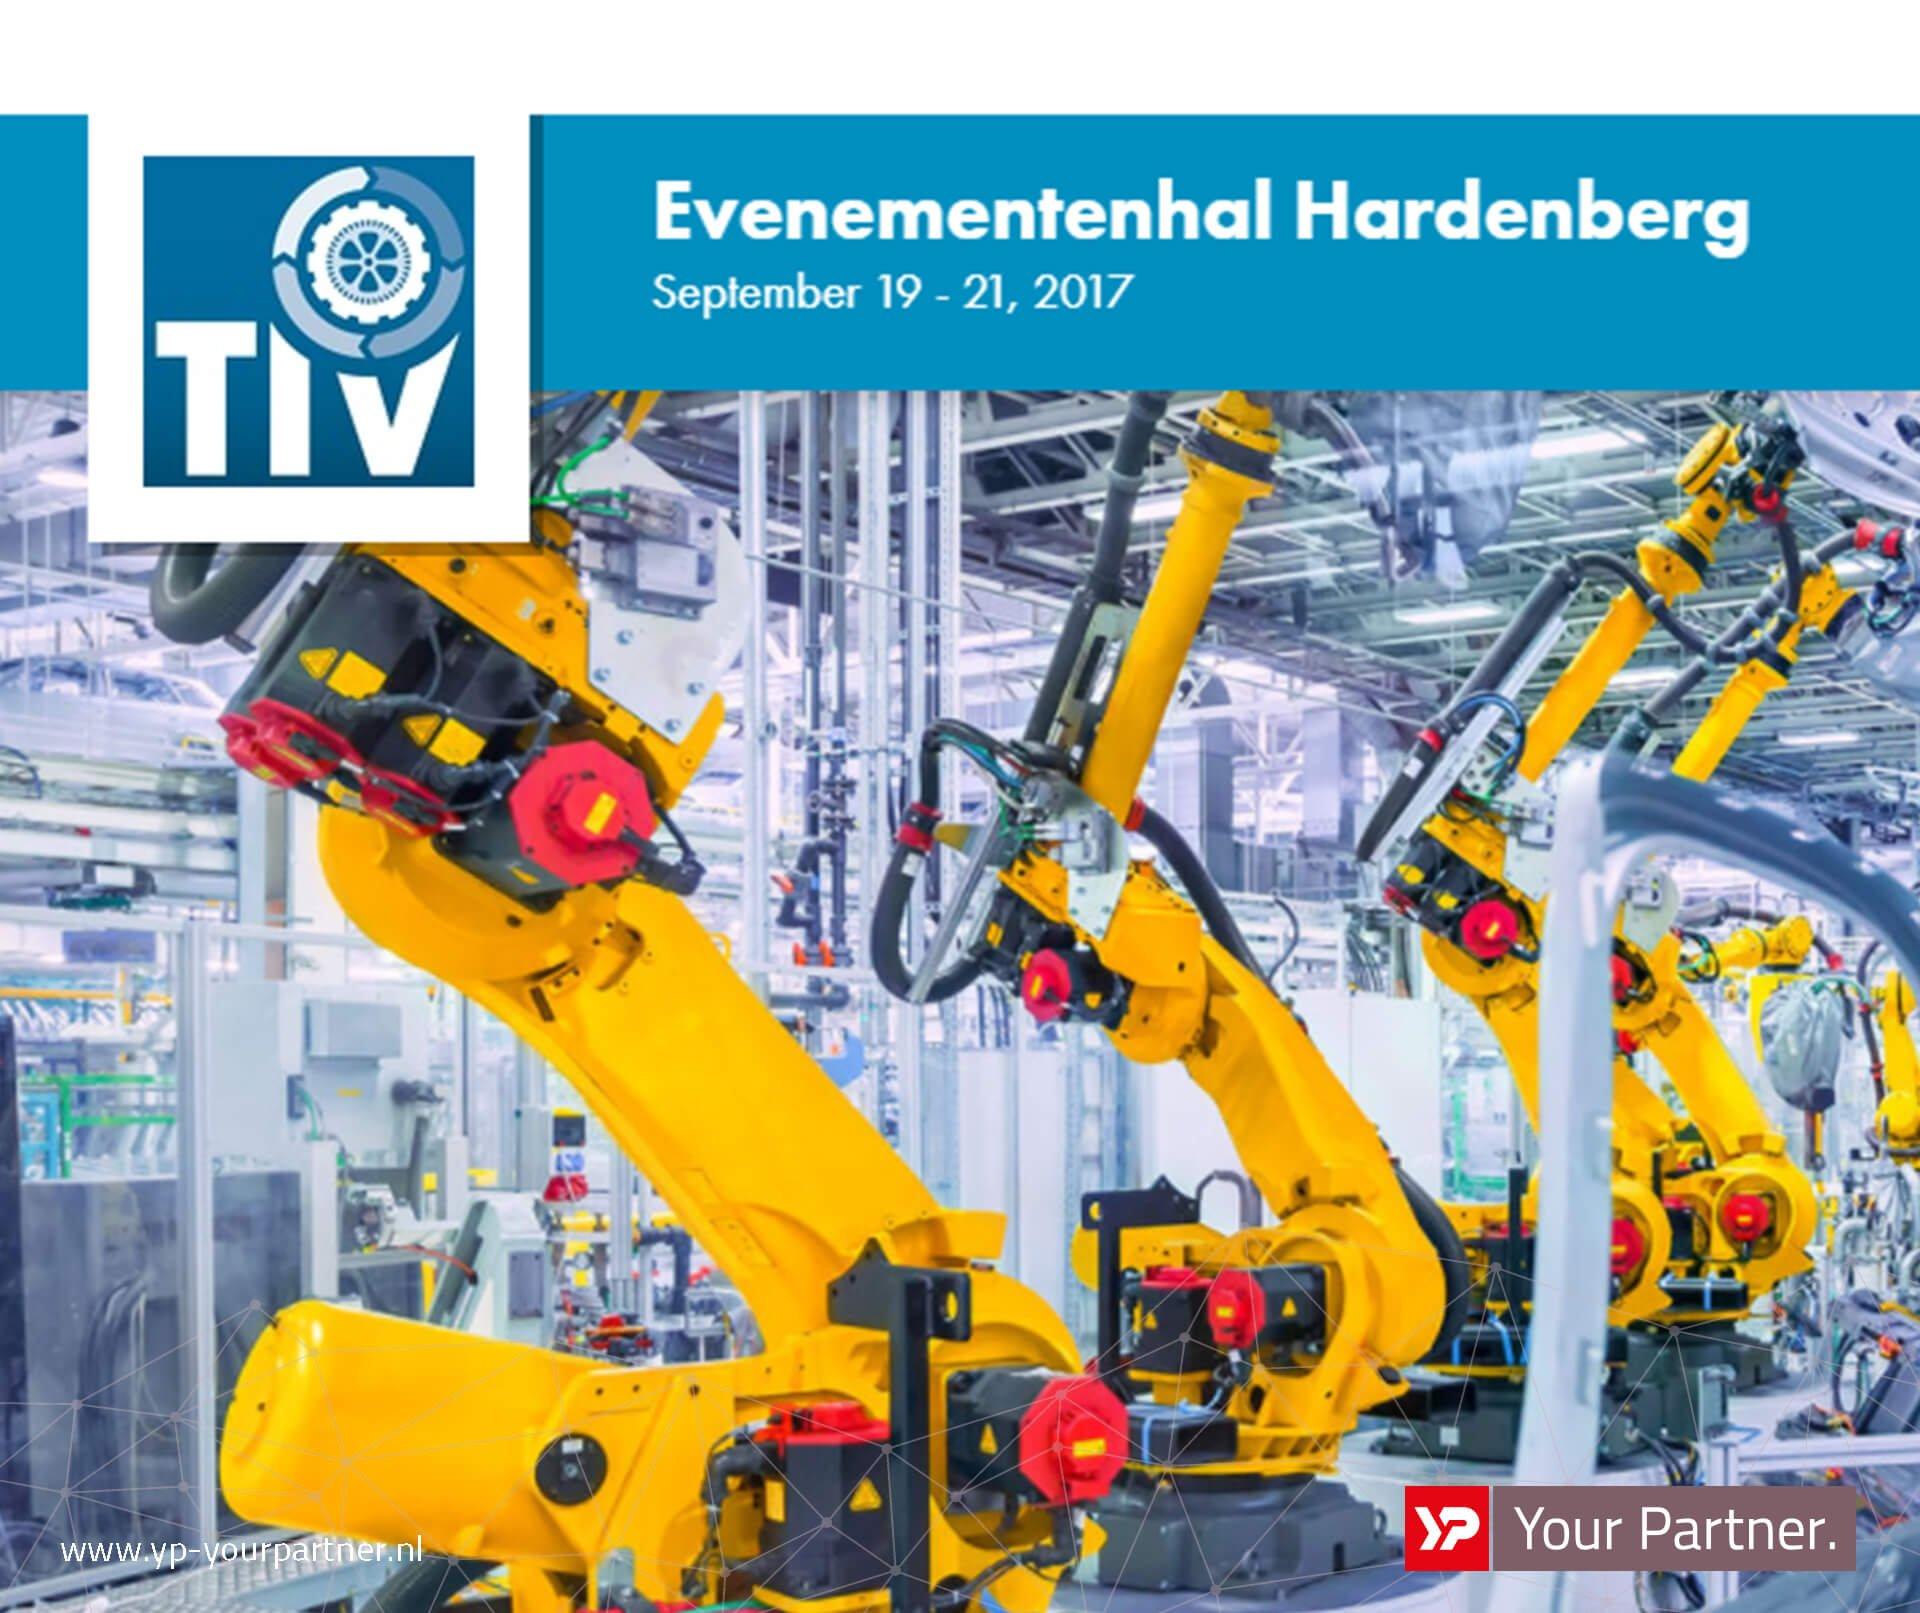 YP Your Partner op TIV Hardenberg 2017 - stand 338